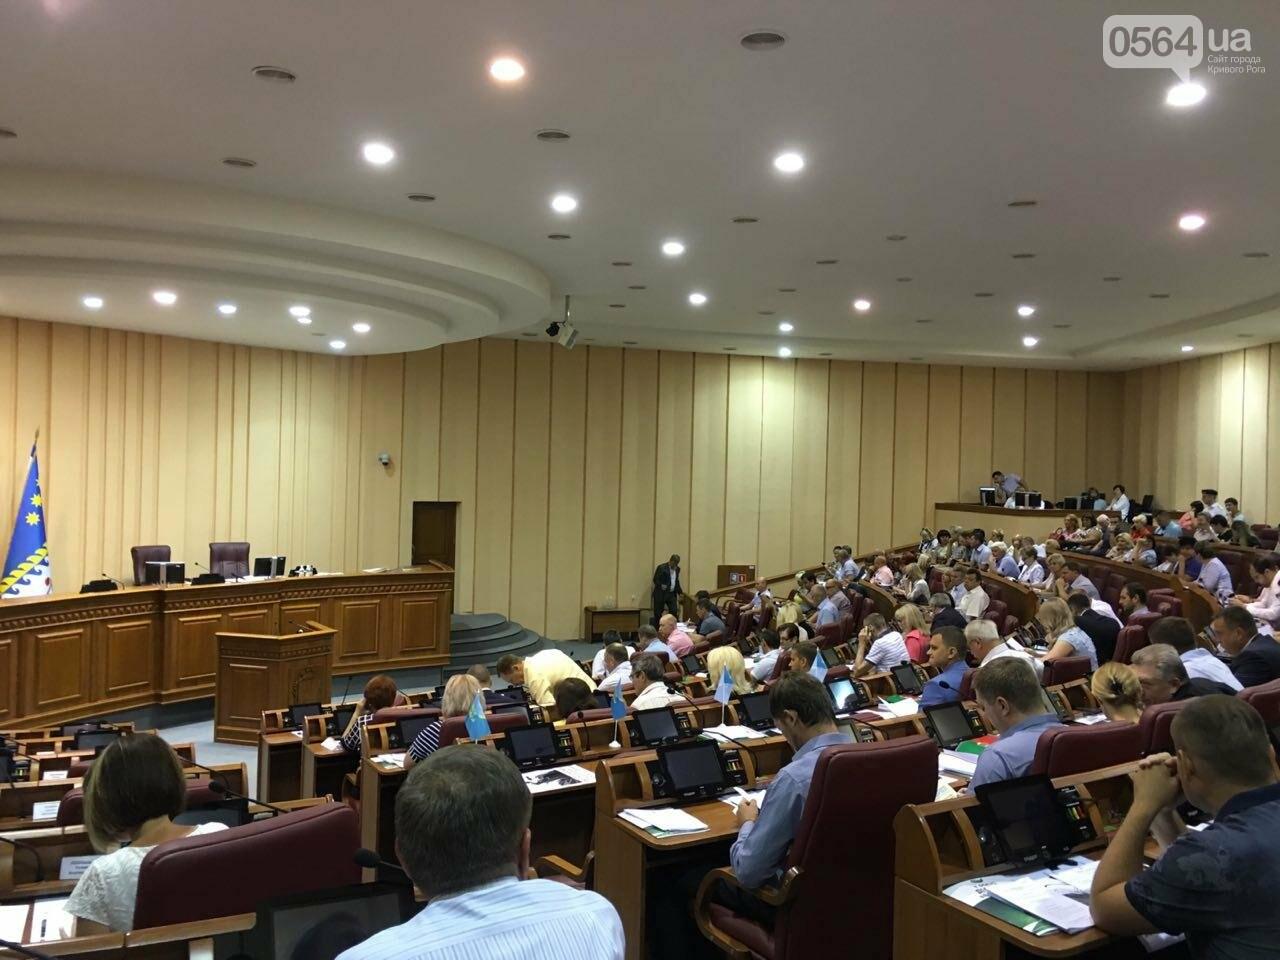 Криворожские депутаты обсудят вопрос премирования мэра и его заместителей, тариф на проезд в маршрутках и поддержку бизнесменов, - ФОТО, фото-12